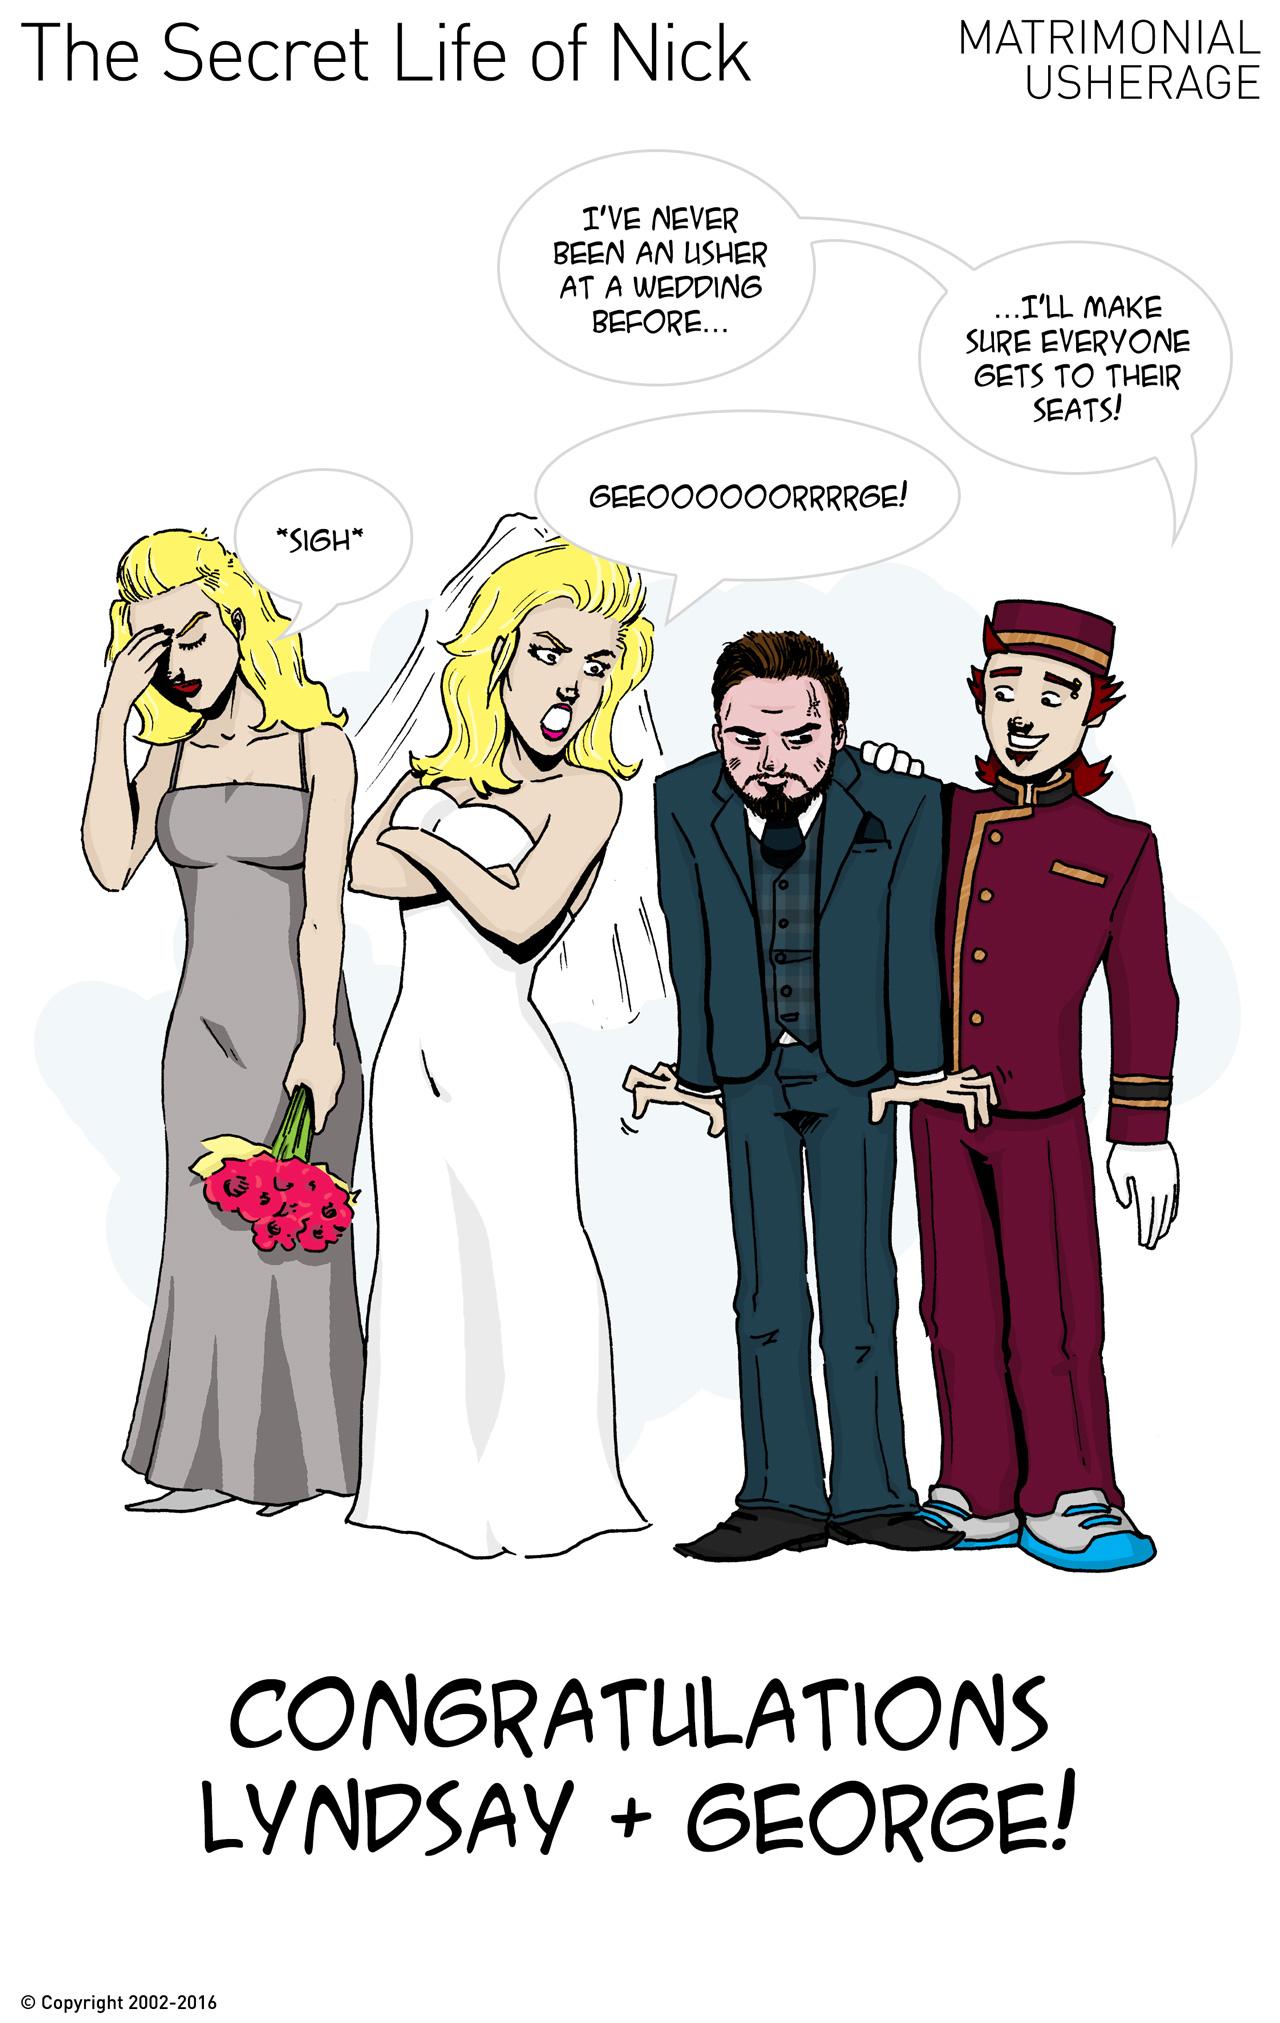 Matrimonial Usherage